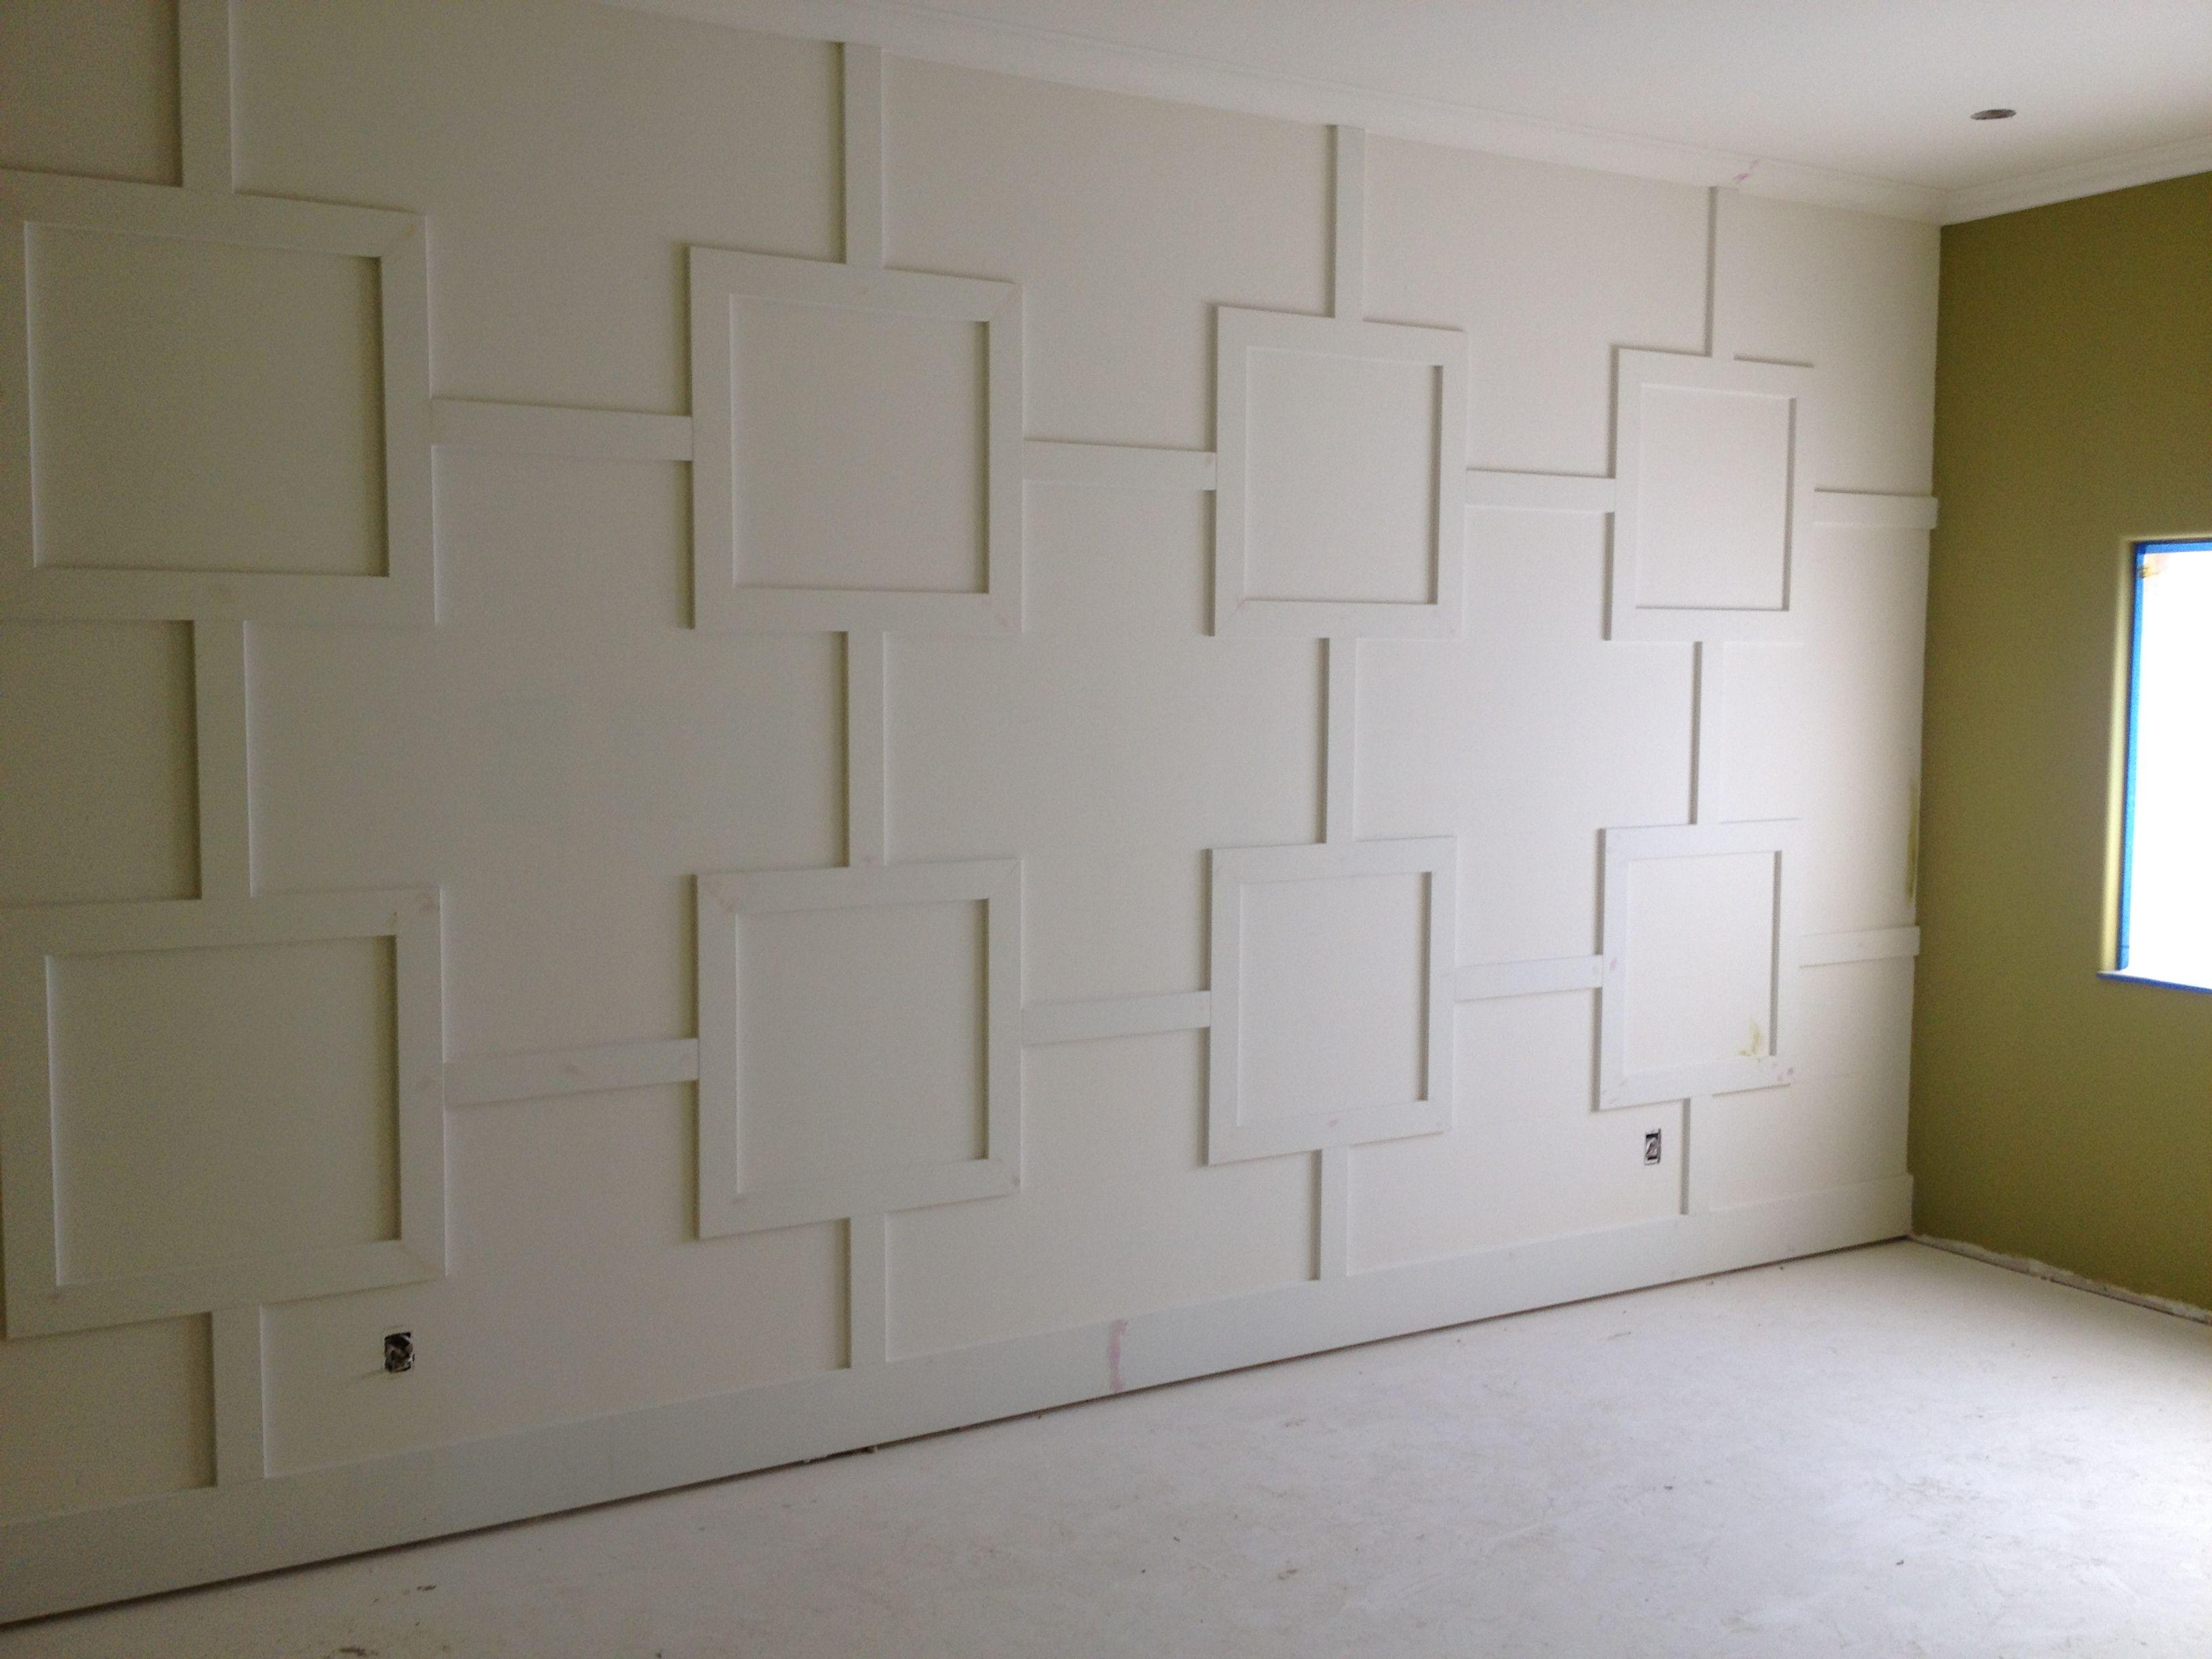 GroBartig Could Diy This Wall Treatment